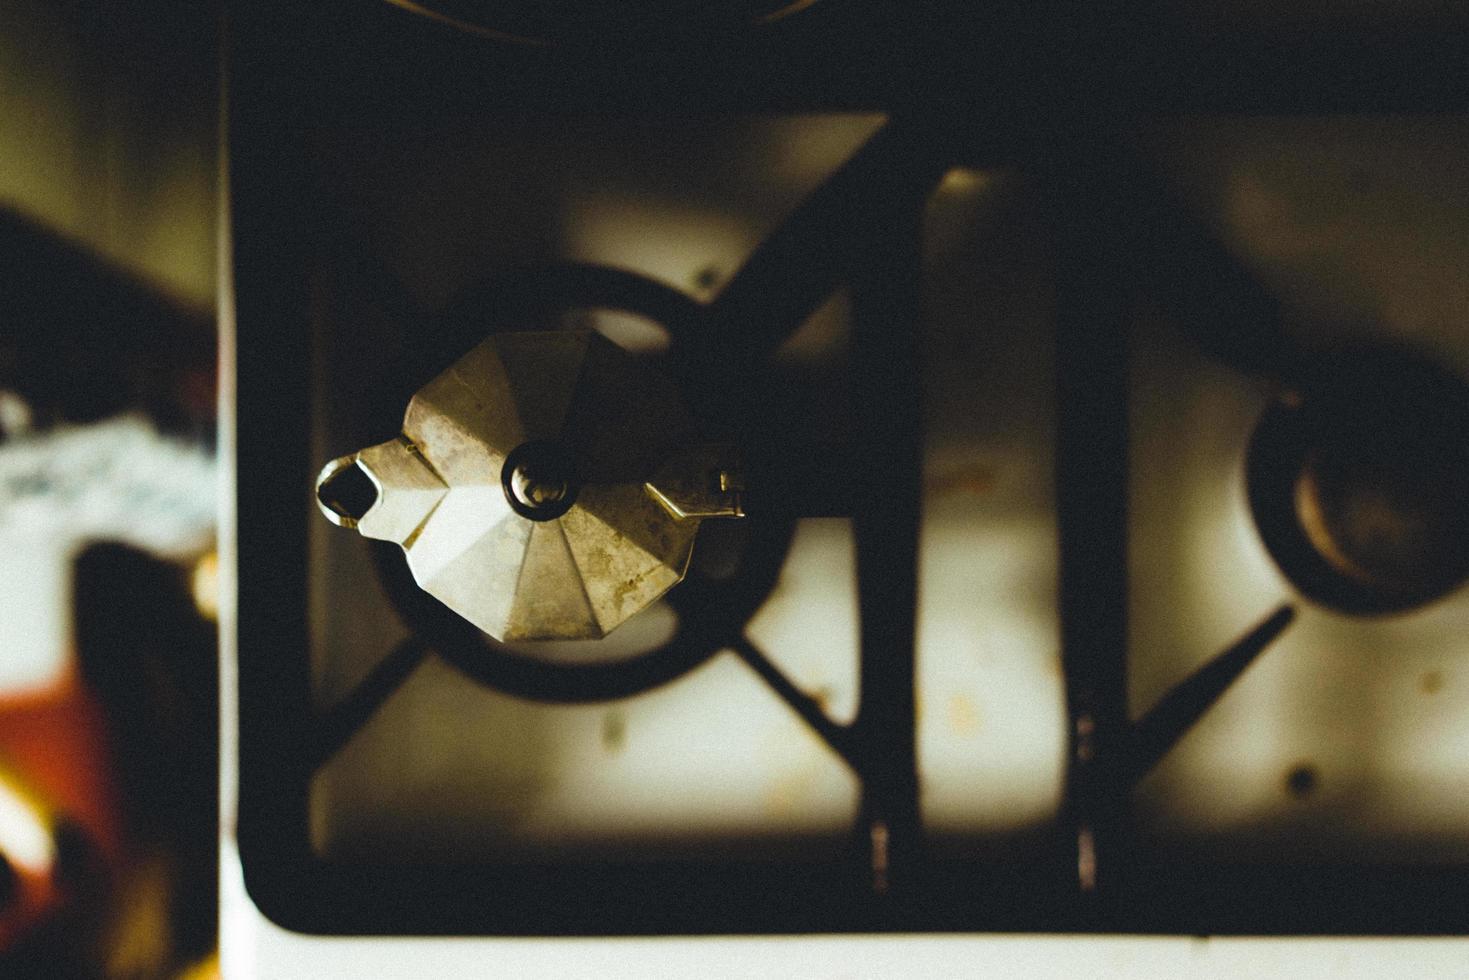 Estufa de gas de 2 fuegos foto